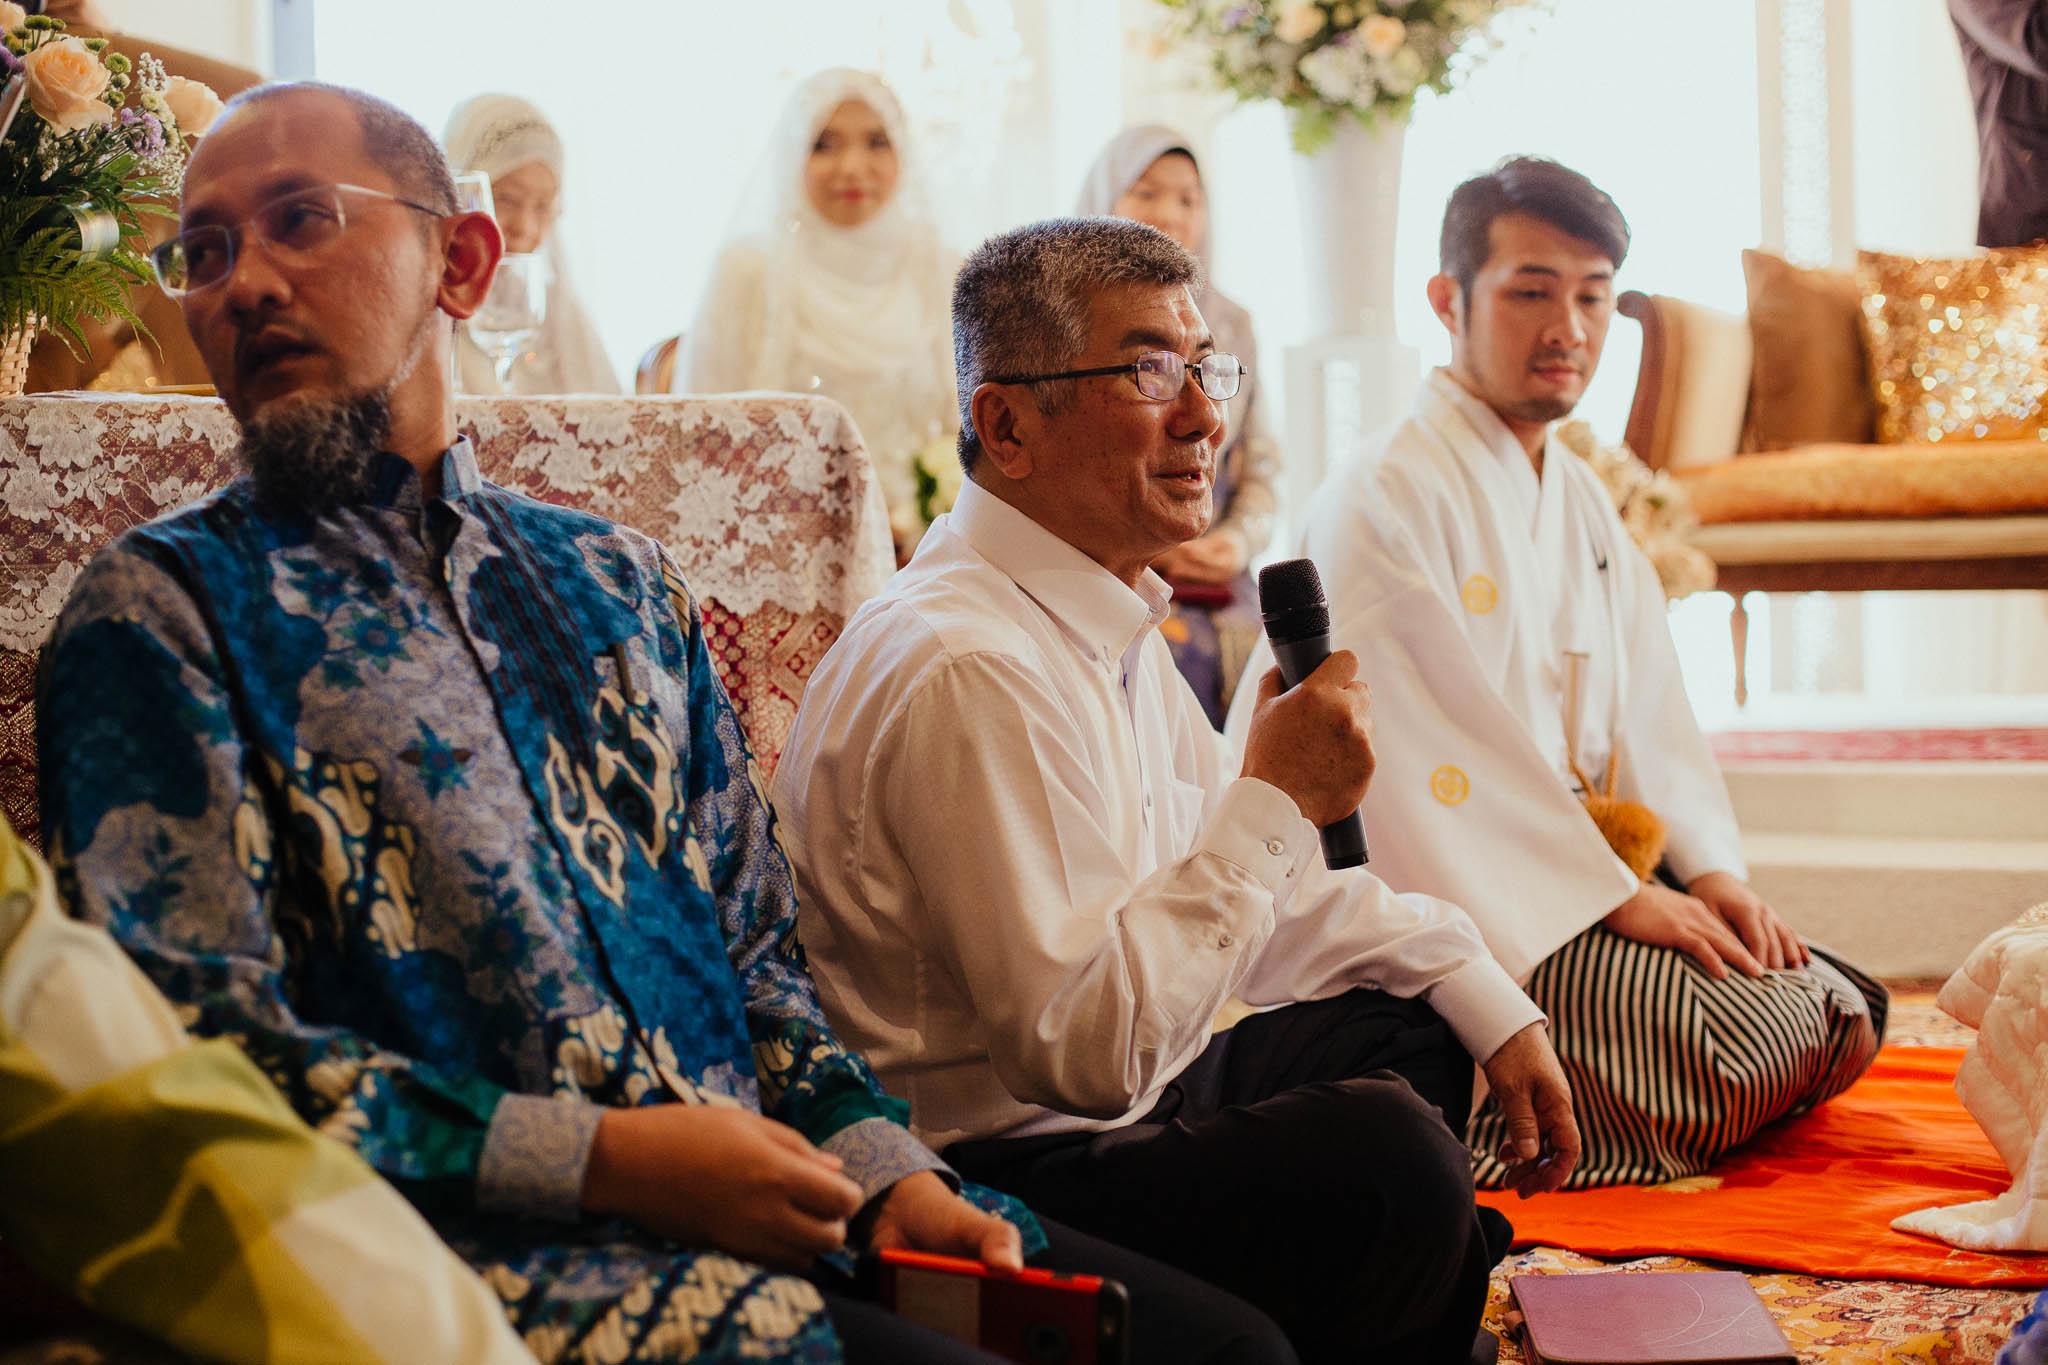 singapore-wedding-photographer-travel-wemadethese-atara-hafizah-16.jpg